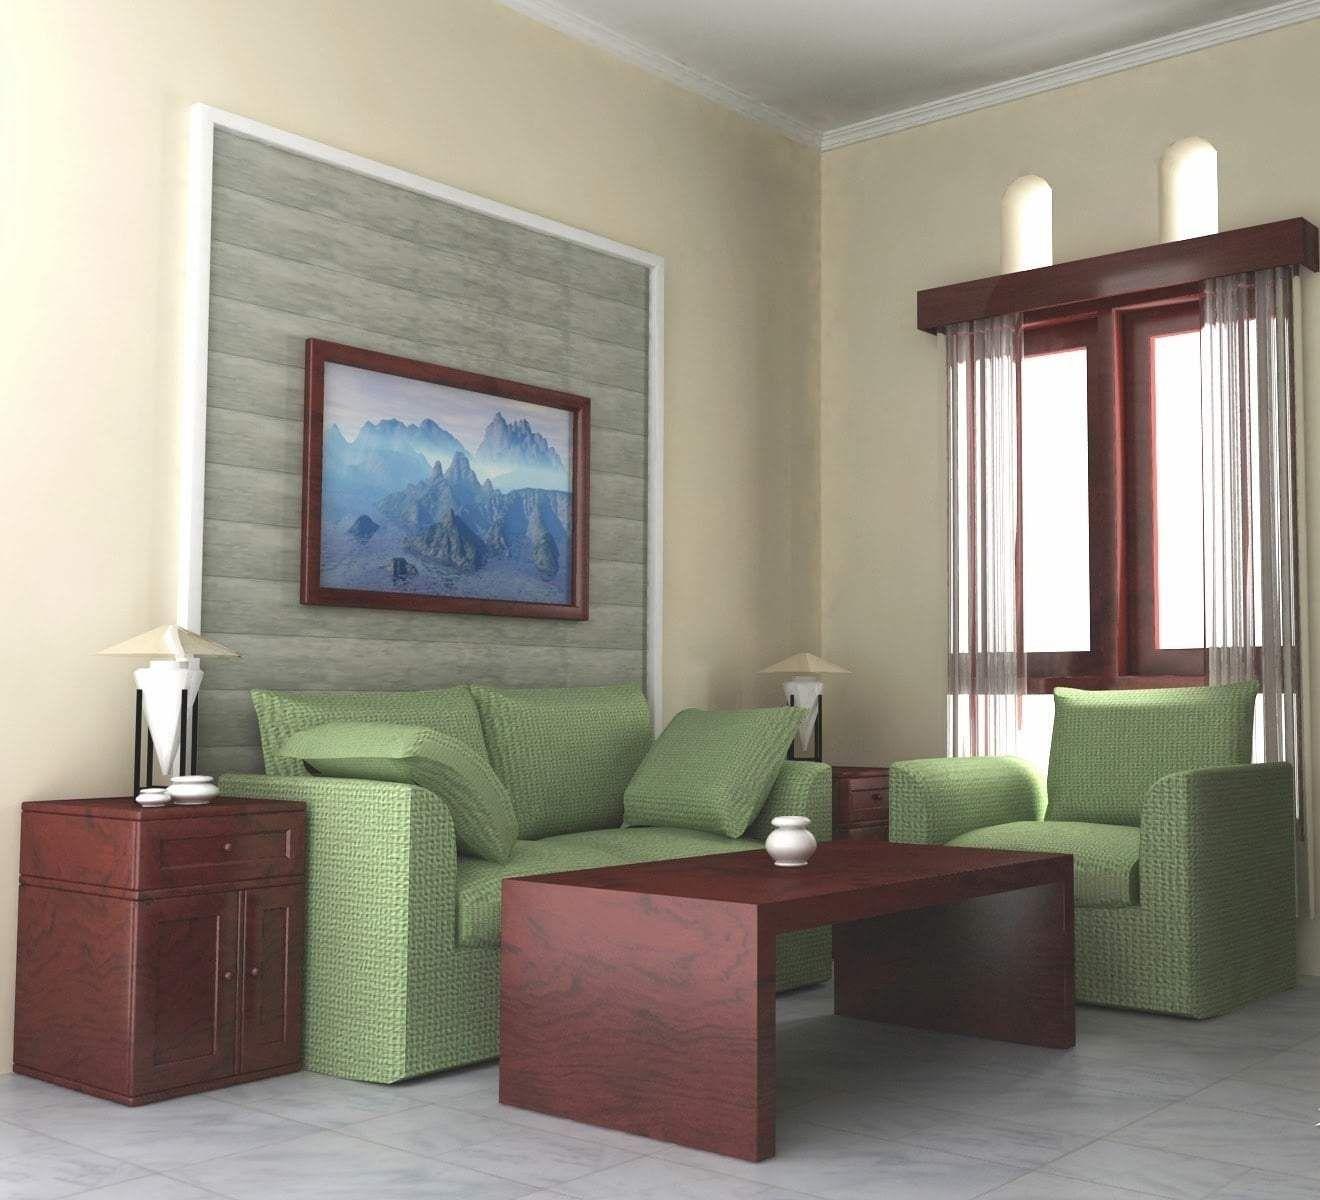 Wc Jongkok Desain Kamar Mandi Minimalis 2x3 - Desain Rumah